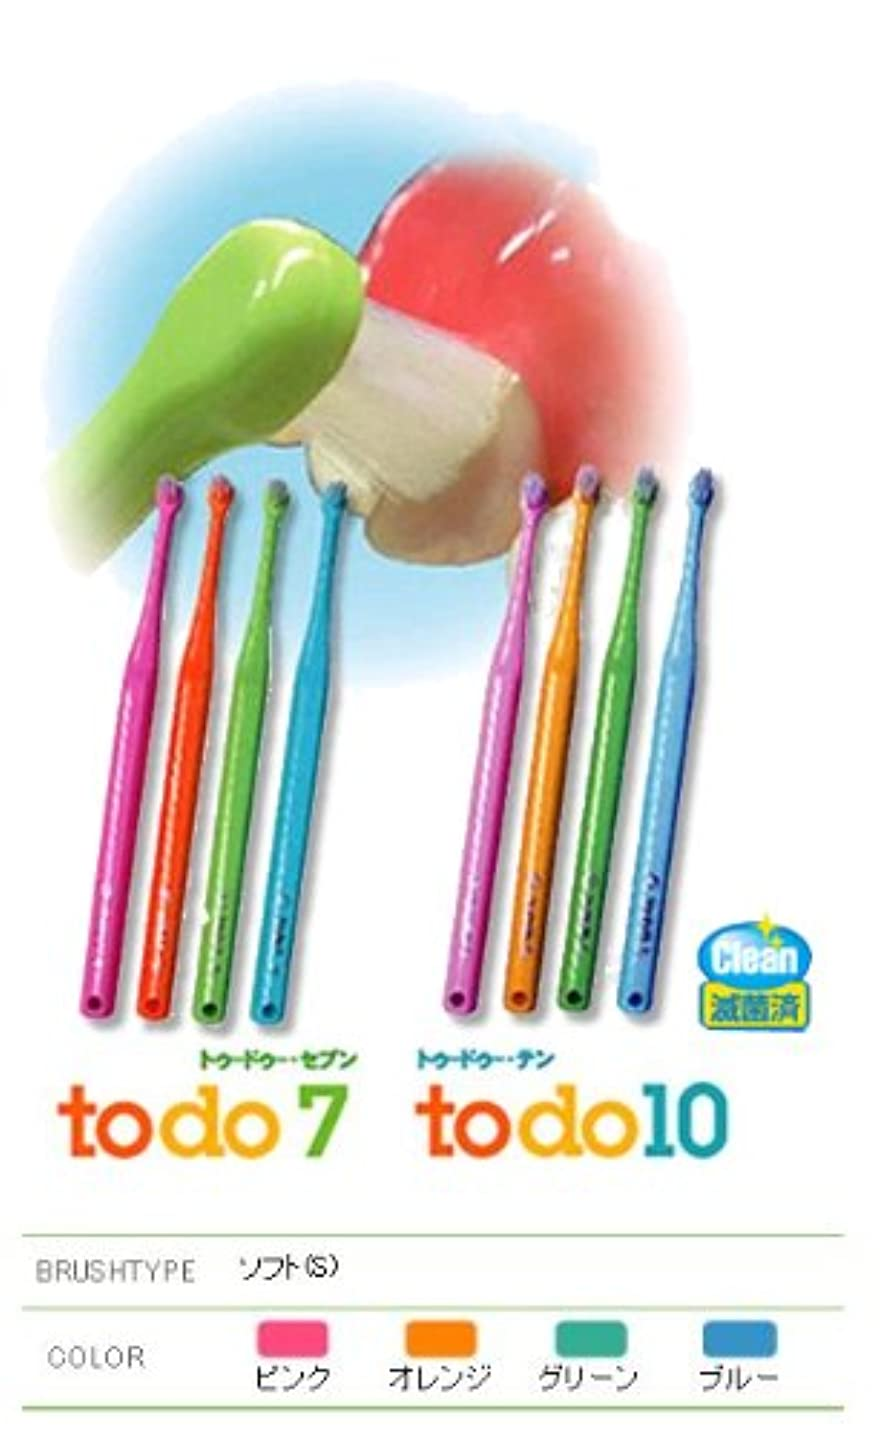 洗練された人柄外交官【オーラルケア】【歯科用】todo7 1箱(24本)【歯ブラシ】【滅菌済】4色(アソート)トゥードゥー?セブン